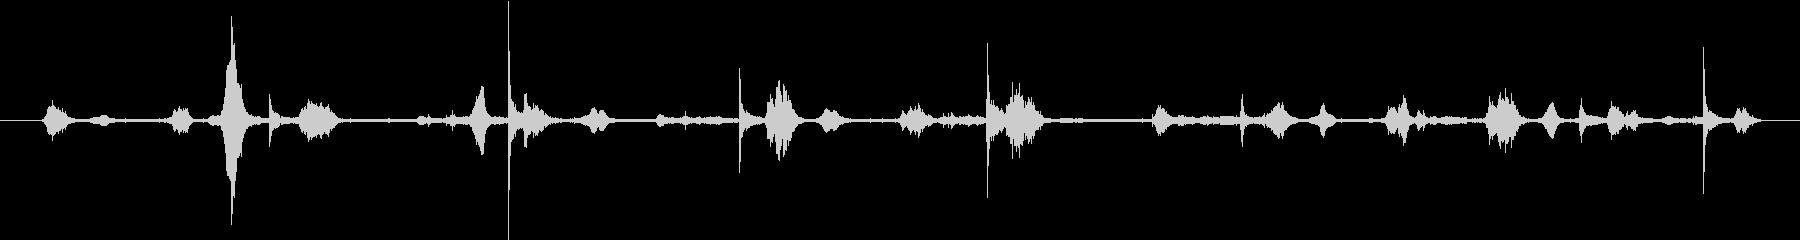 小さなきしむ手クランクホイール:旋...の未再生の波形